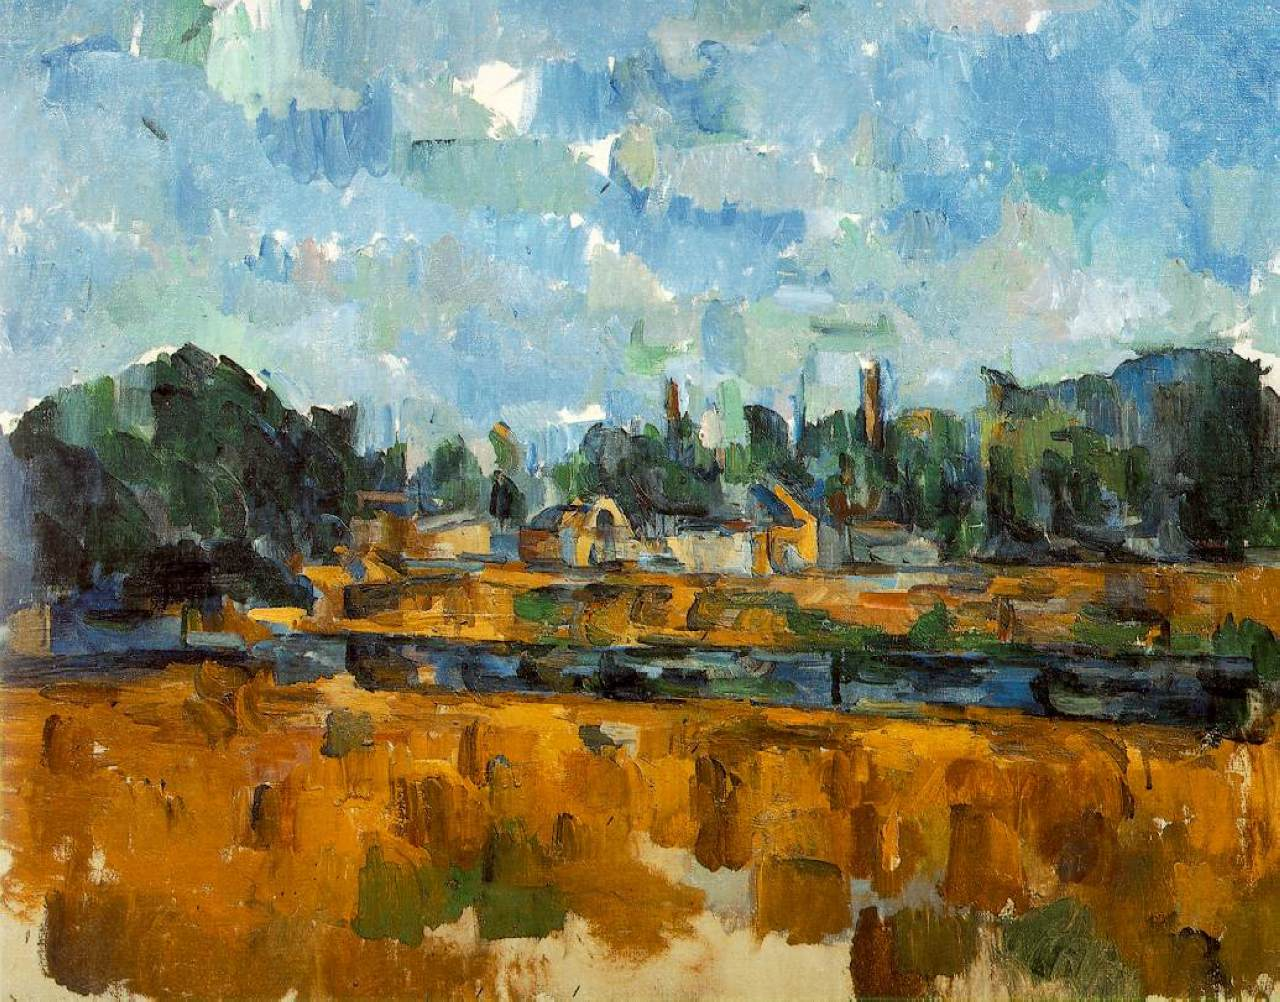 Поль Сезанн Речные берега пейзаж 1905 год